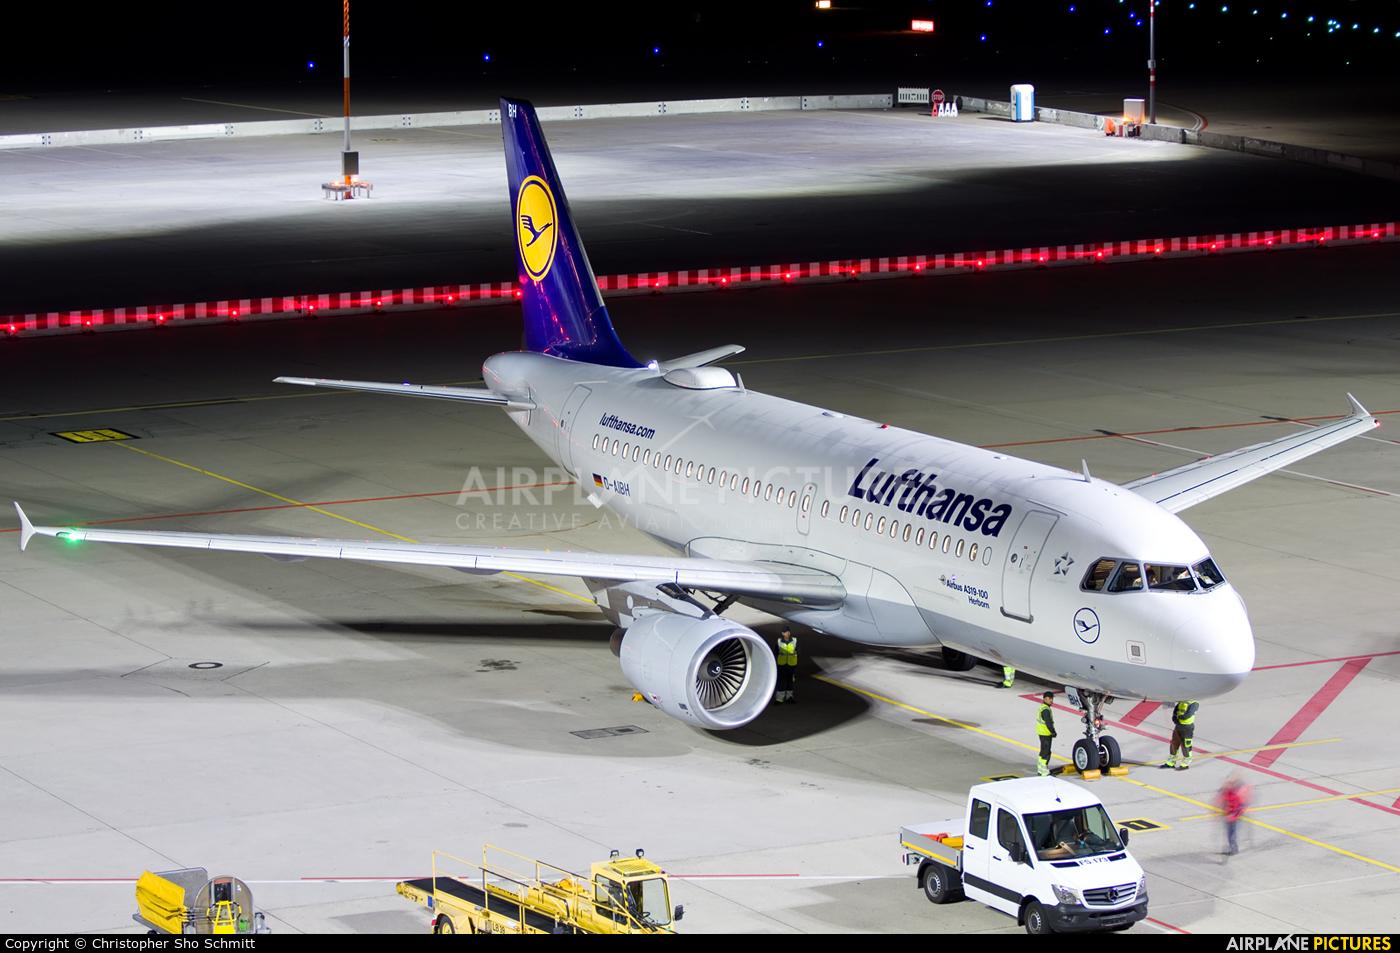 Lufthansa D-AIBH aircraft at Stuttgart